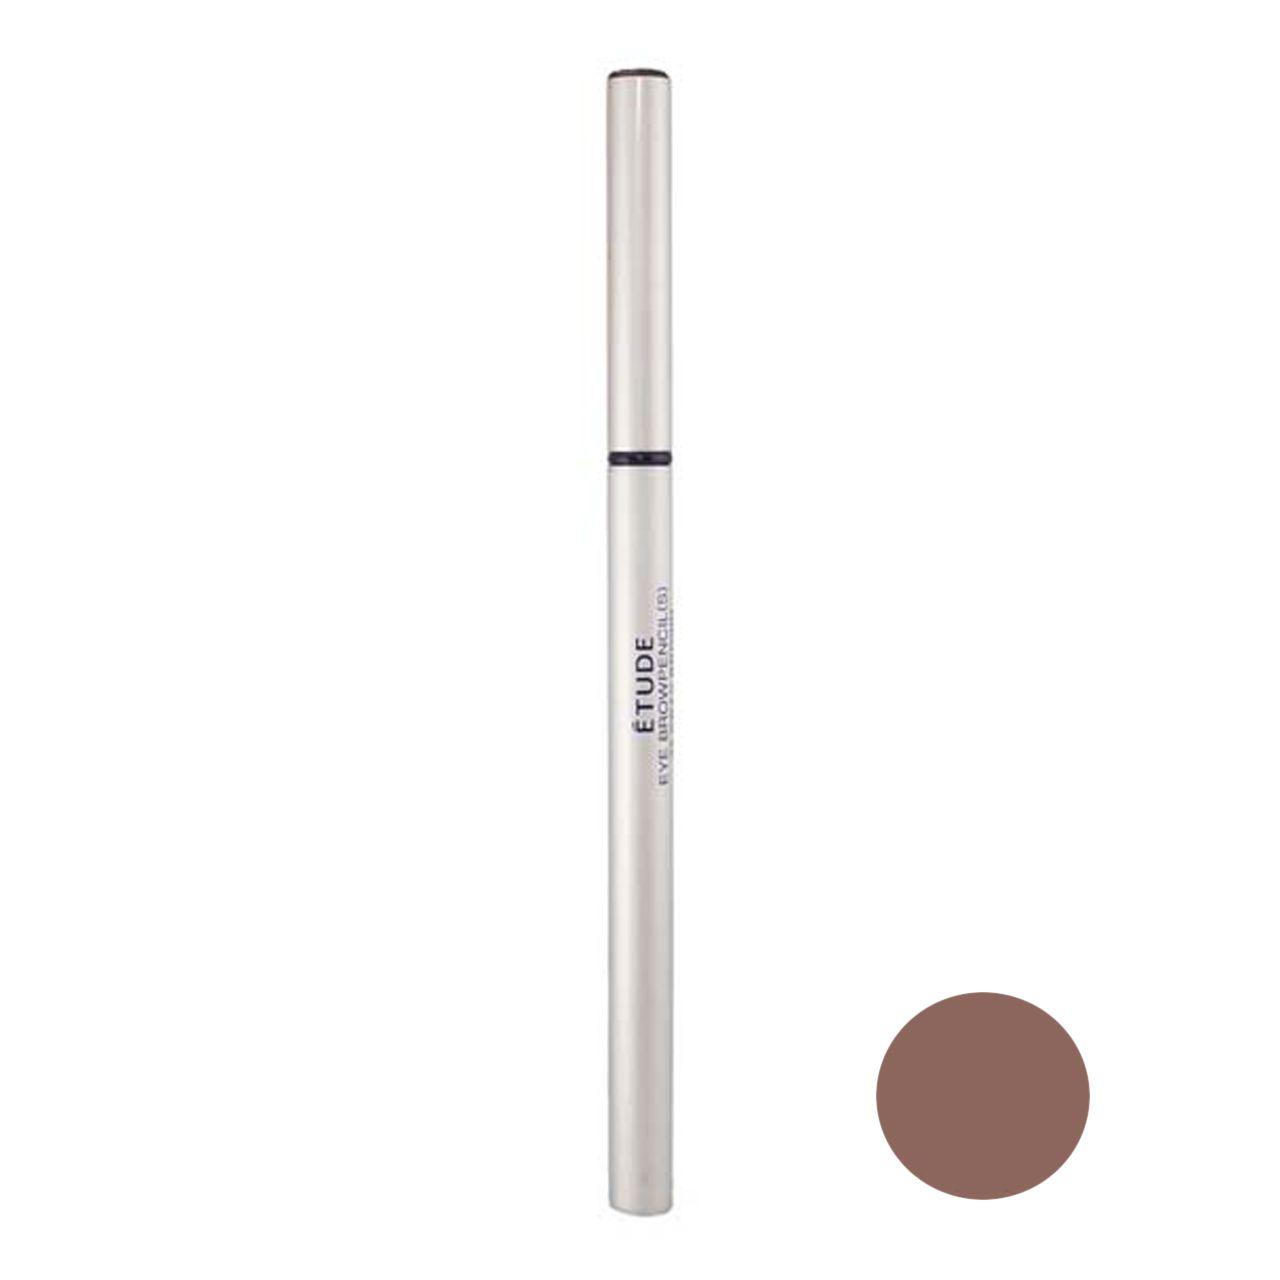 مداد ابرو اتود مدل 32 -  - 1